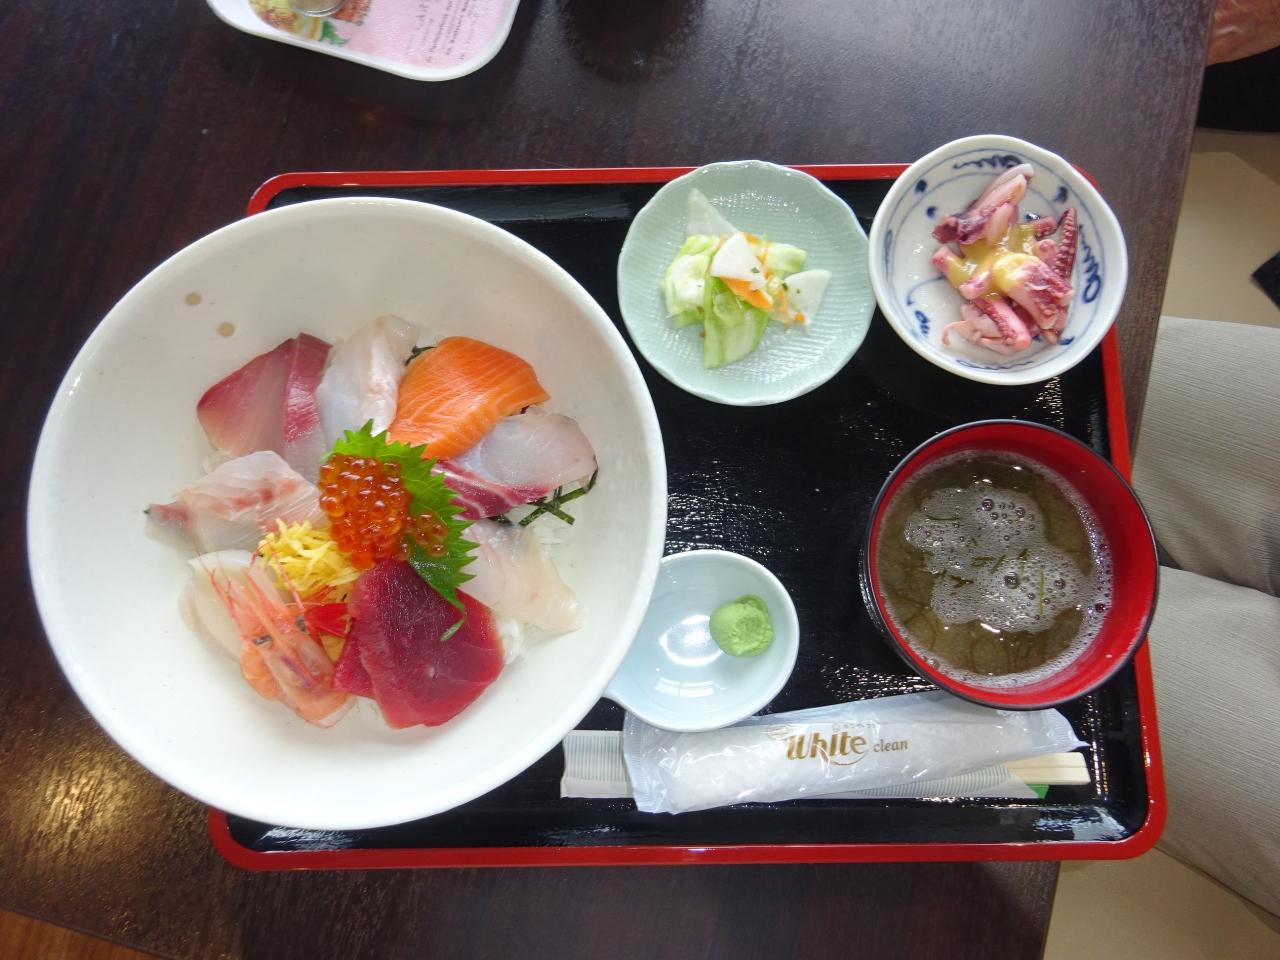 海鮮丼・定食 凪 クチコミガイド【フォートラベル】|糸魚川